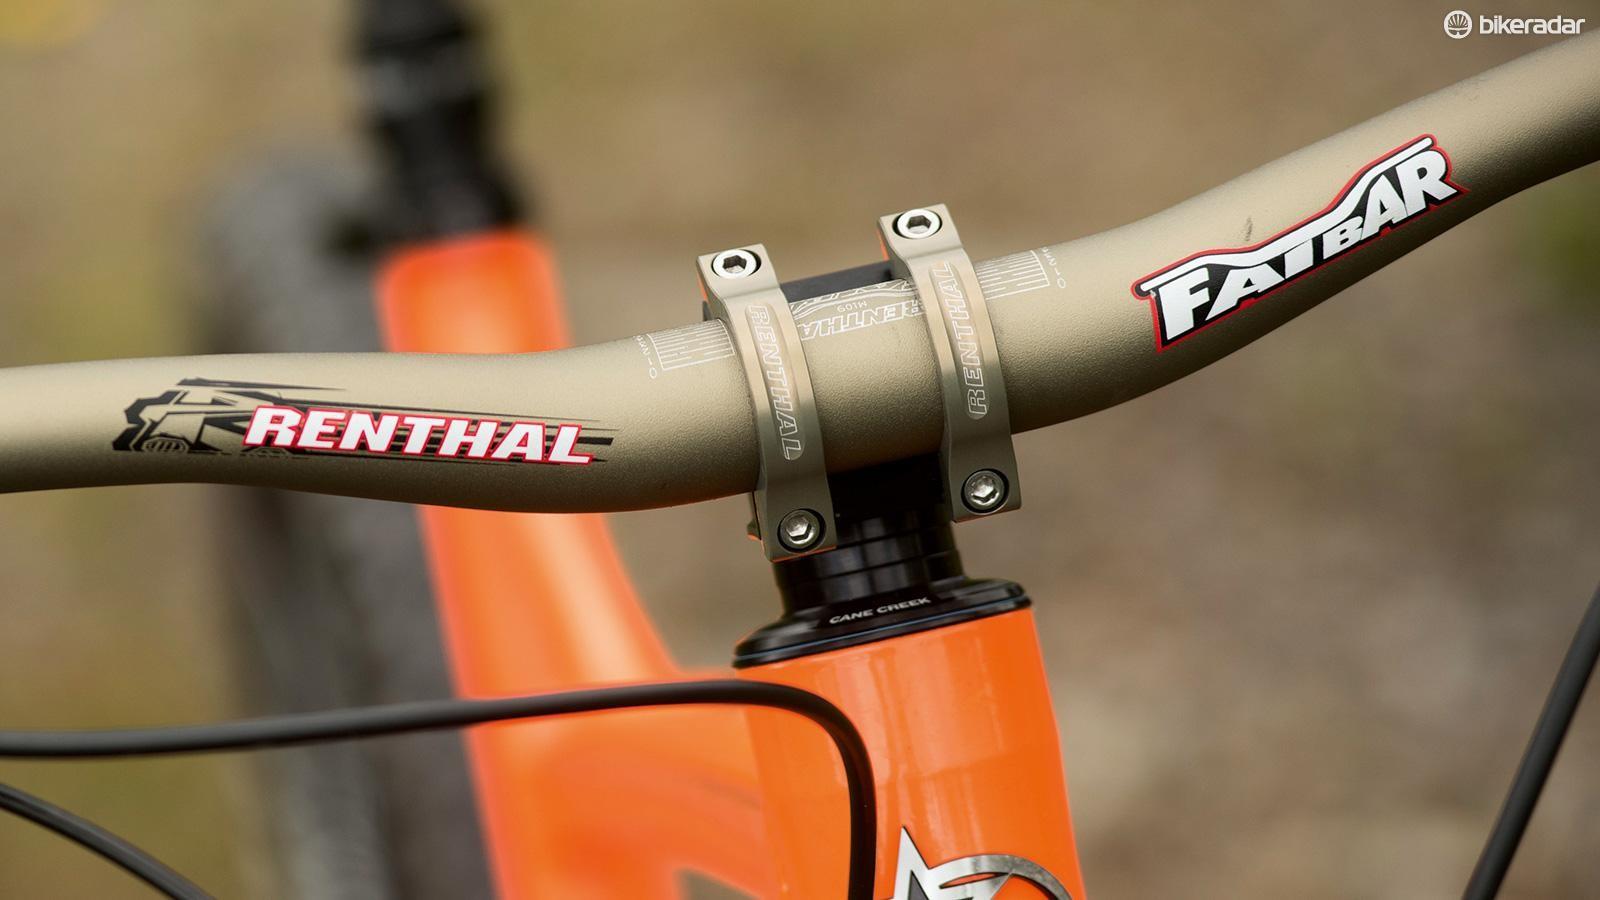 Some brands skimp on cockpit kit, but Orange provides a Renthal combo